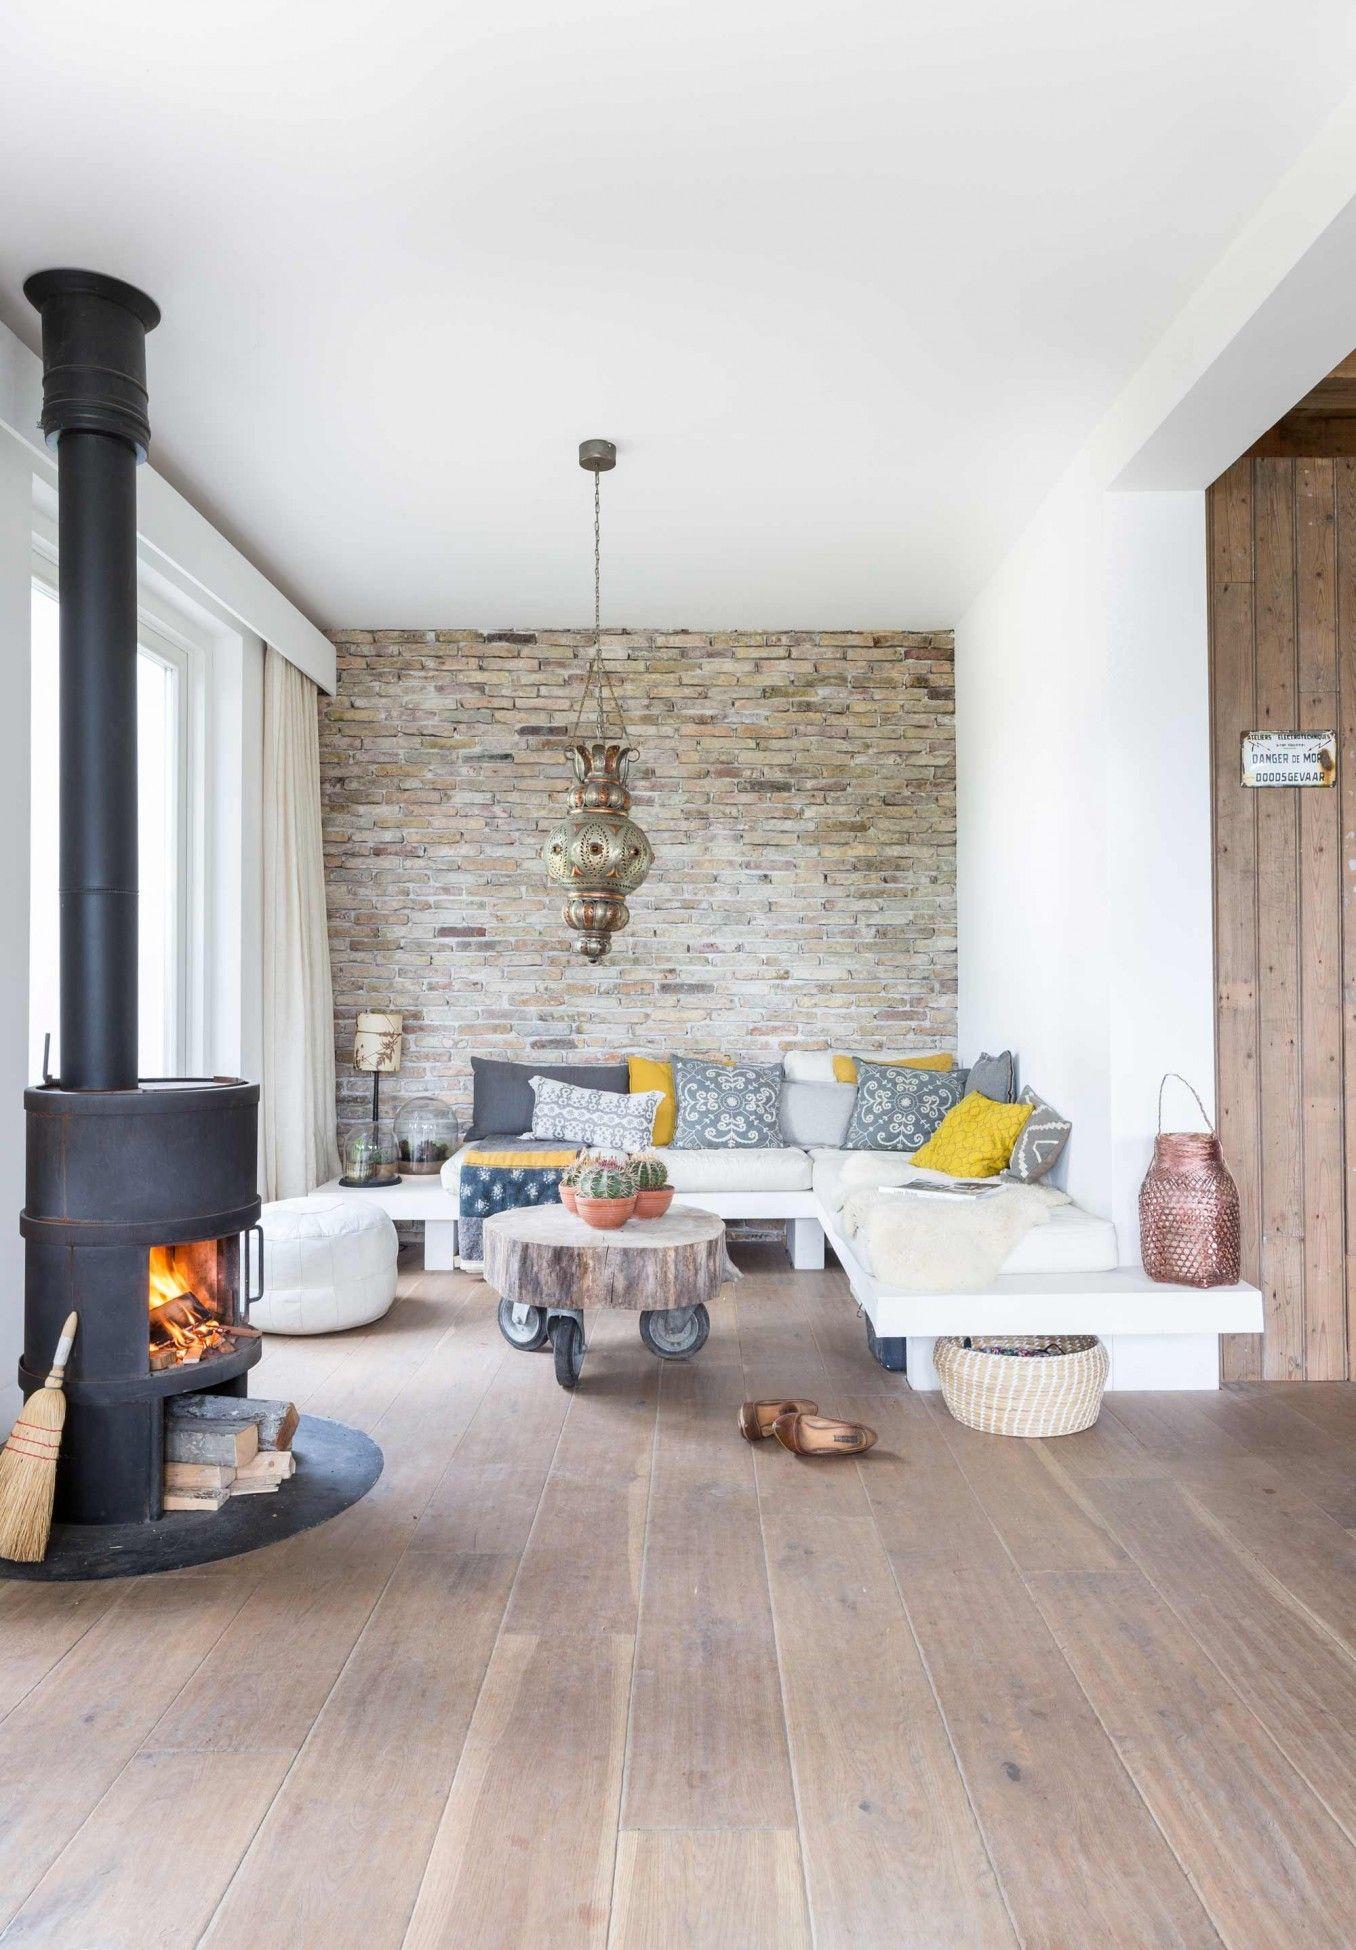 Salon ecolo chic mur en pierre parquet clair ecolo for Deco salon parquet